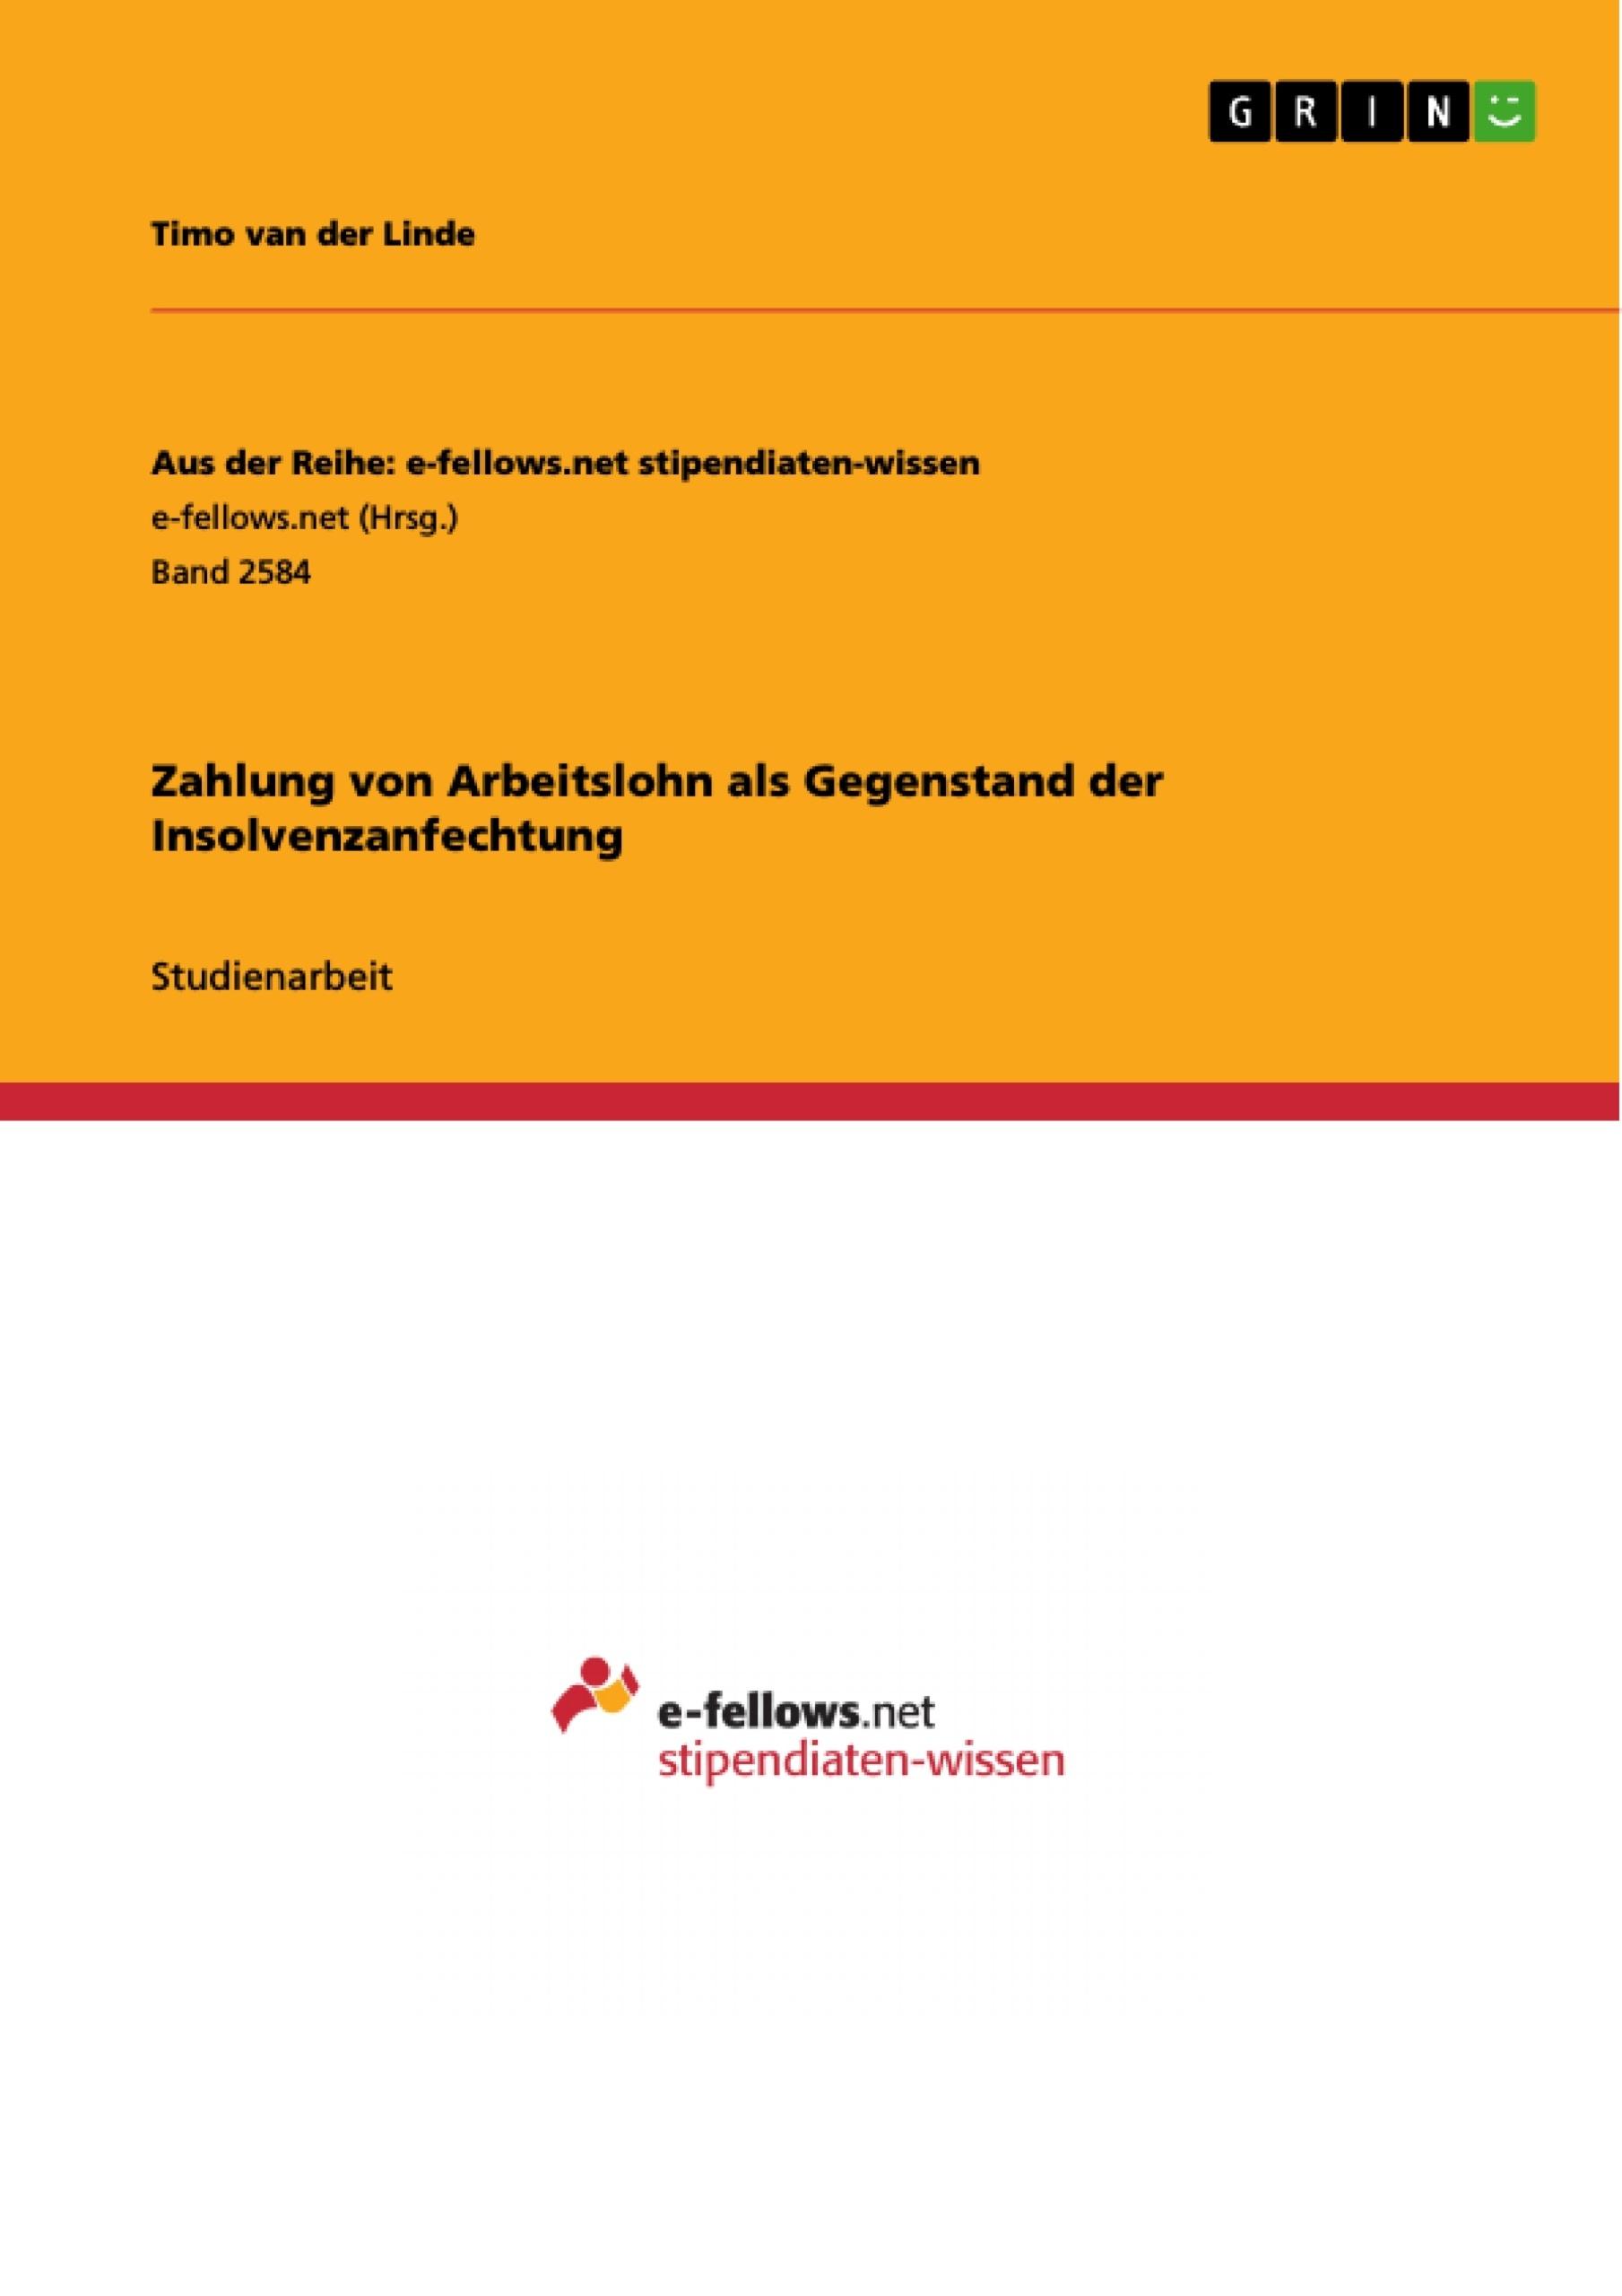 Titel: Zahlung von Arbeitslohn als Gegenstand der Insolvenzanfechtung